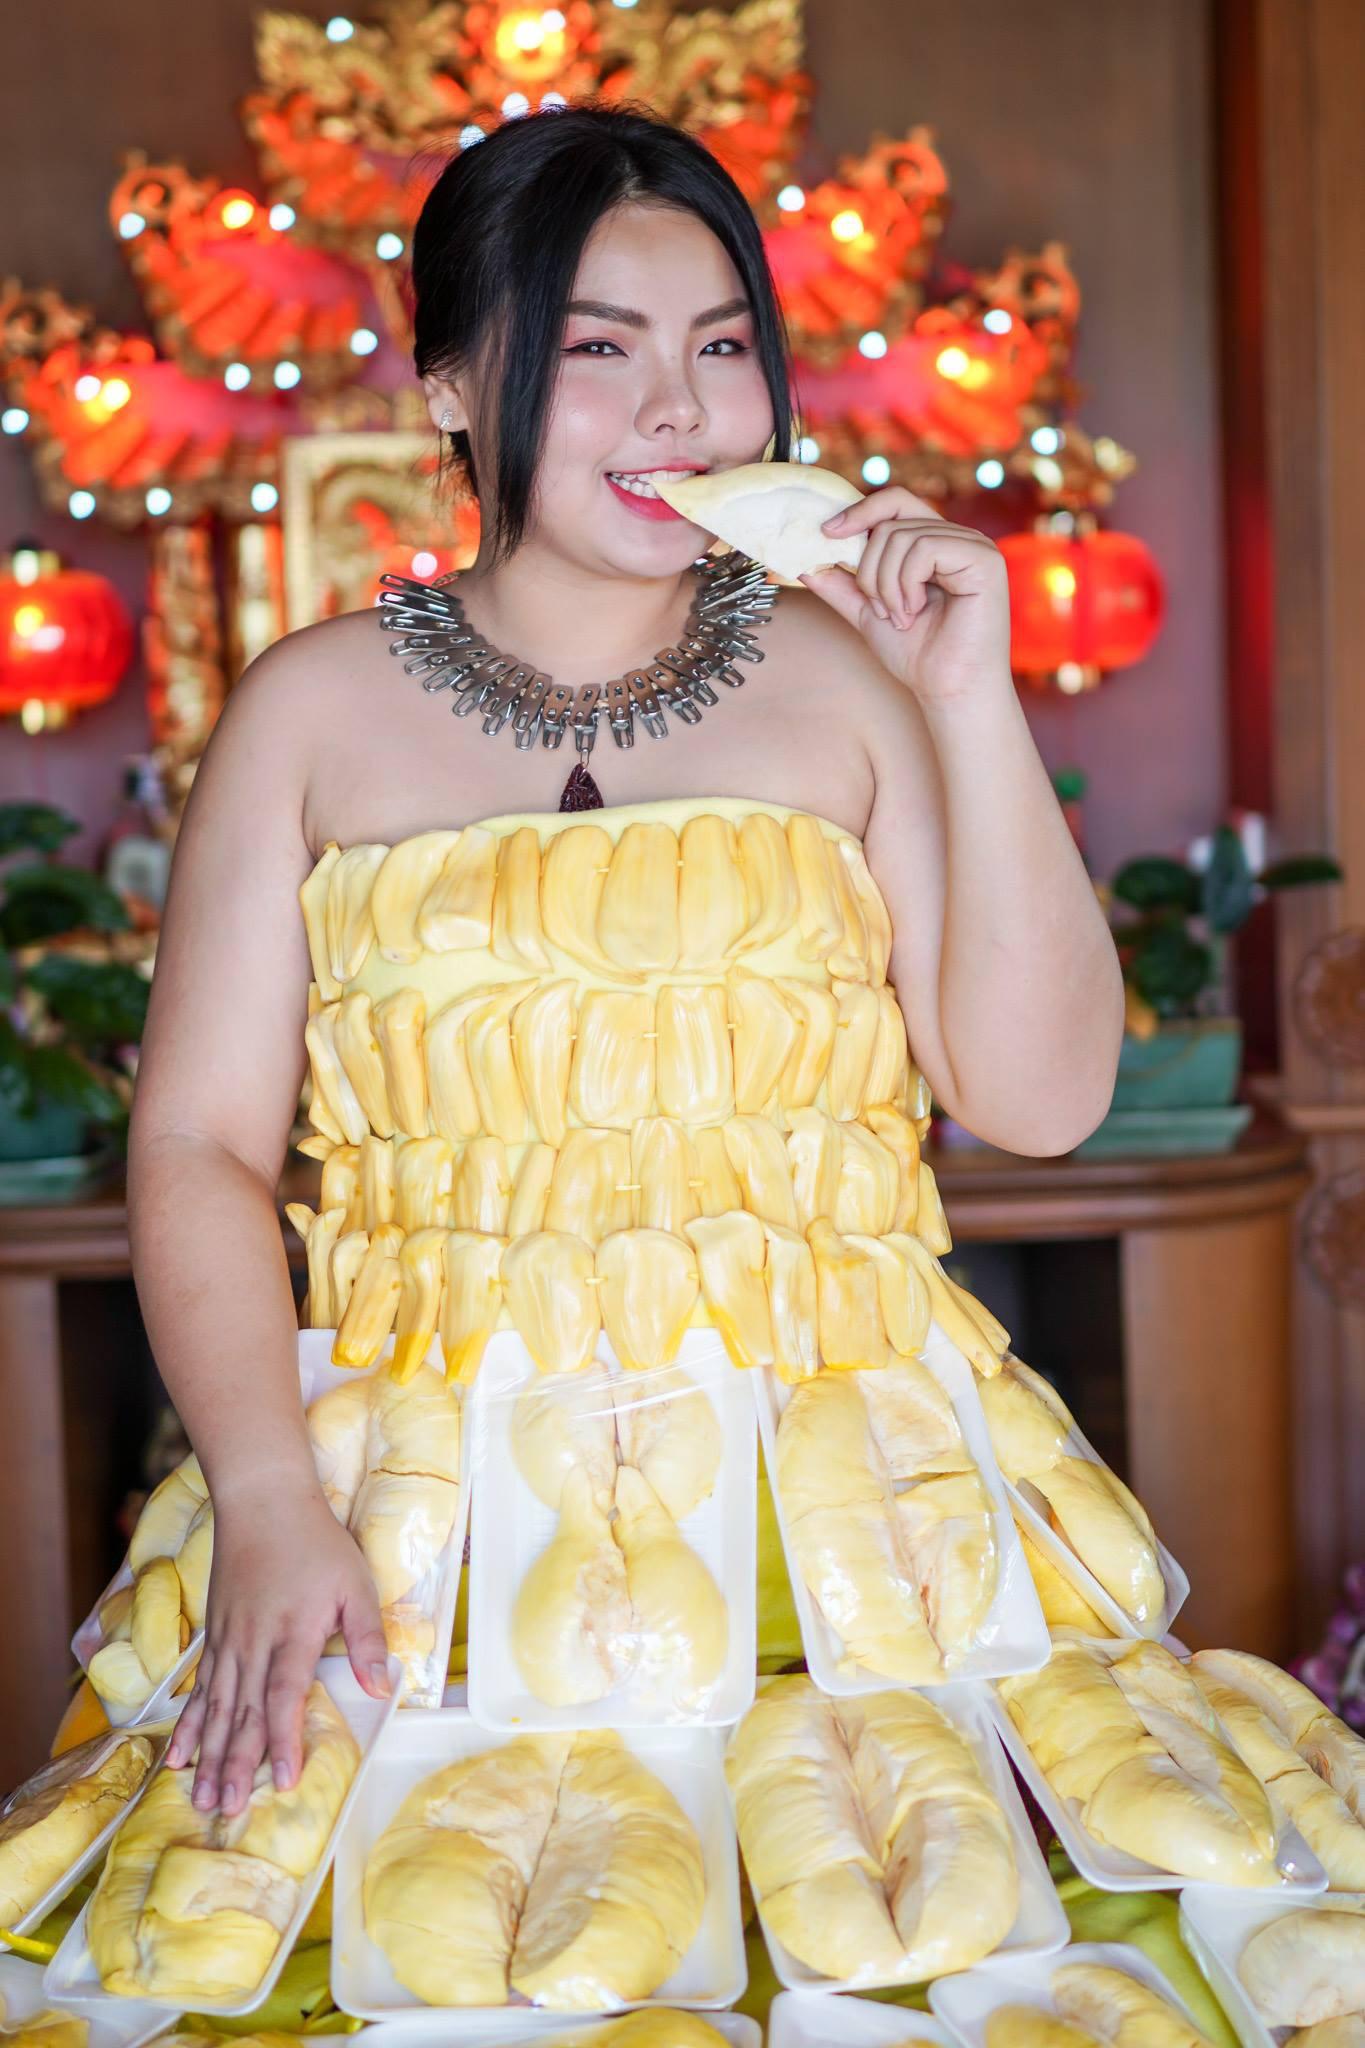 Cosplay hàng hiệu thời trang bằng cách tự làm váy áo bằng đồ ăn, cô bạn Thái Lan tự tin chặt chém mọi nhân vật đình đám - Ảnh 2.